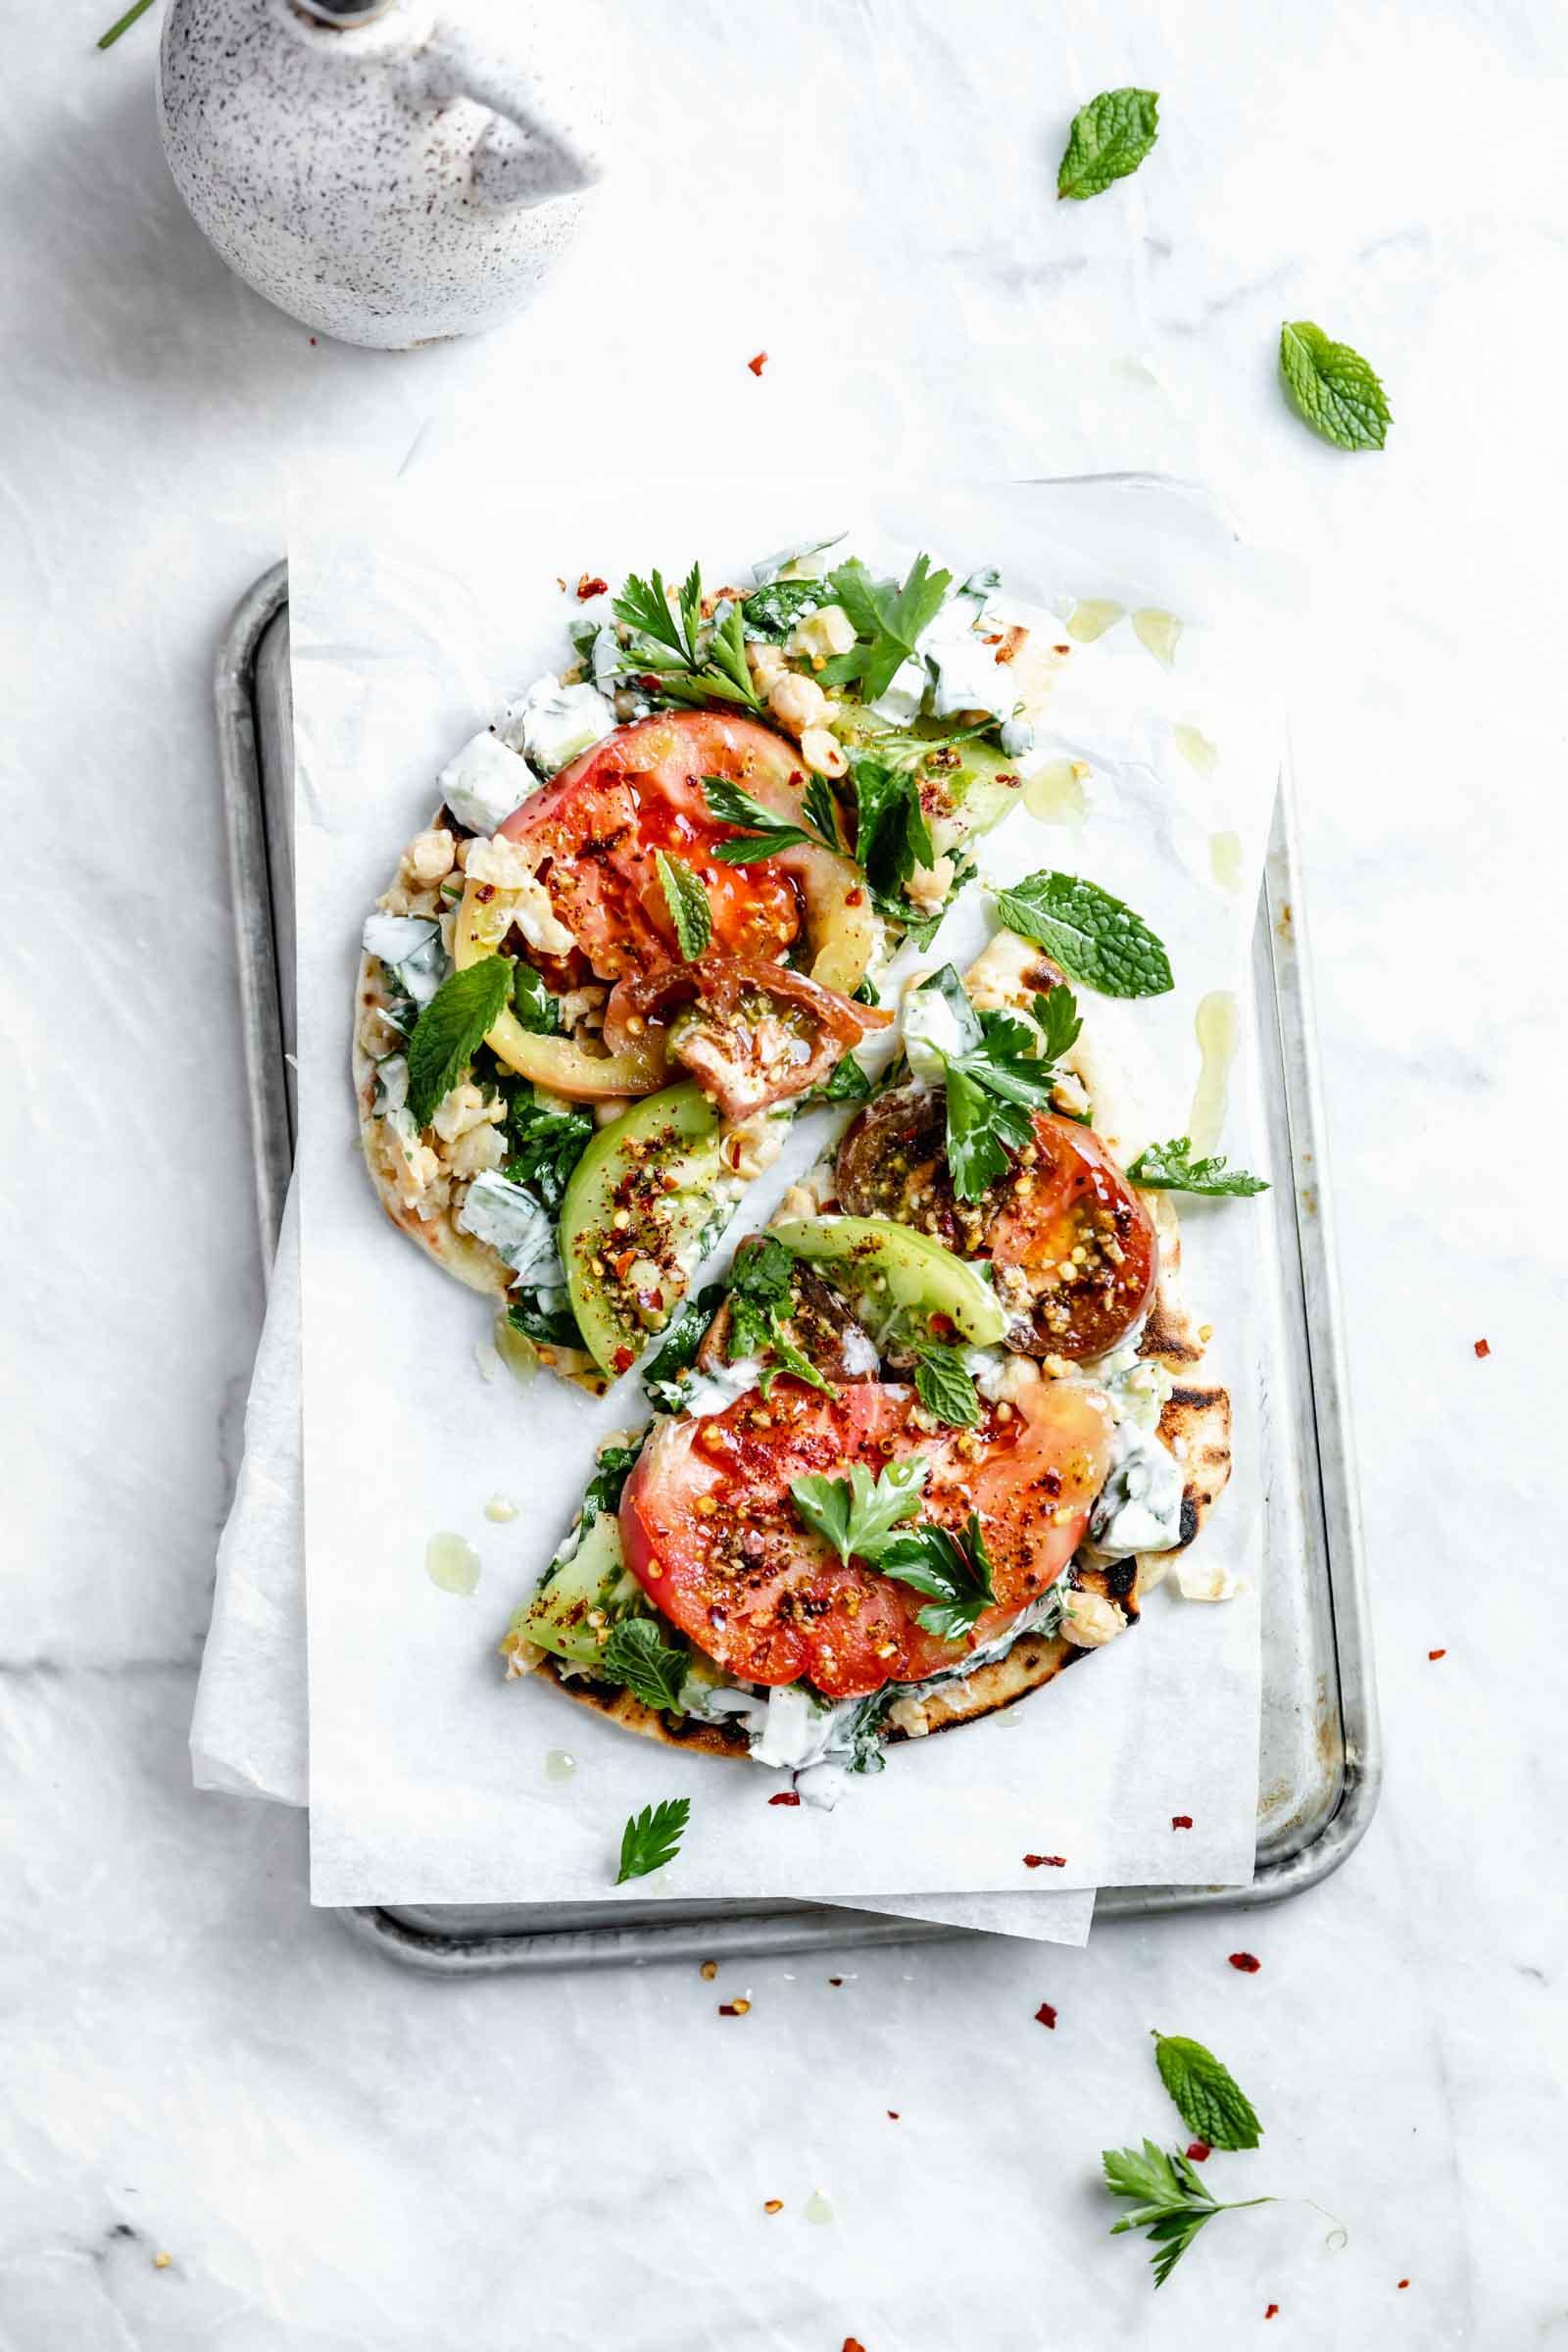 falafel-spice tomato flatbread cut in half on board